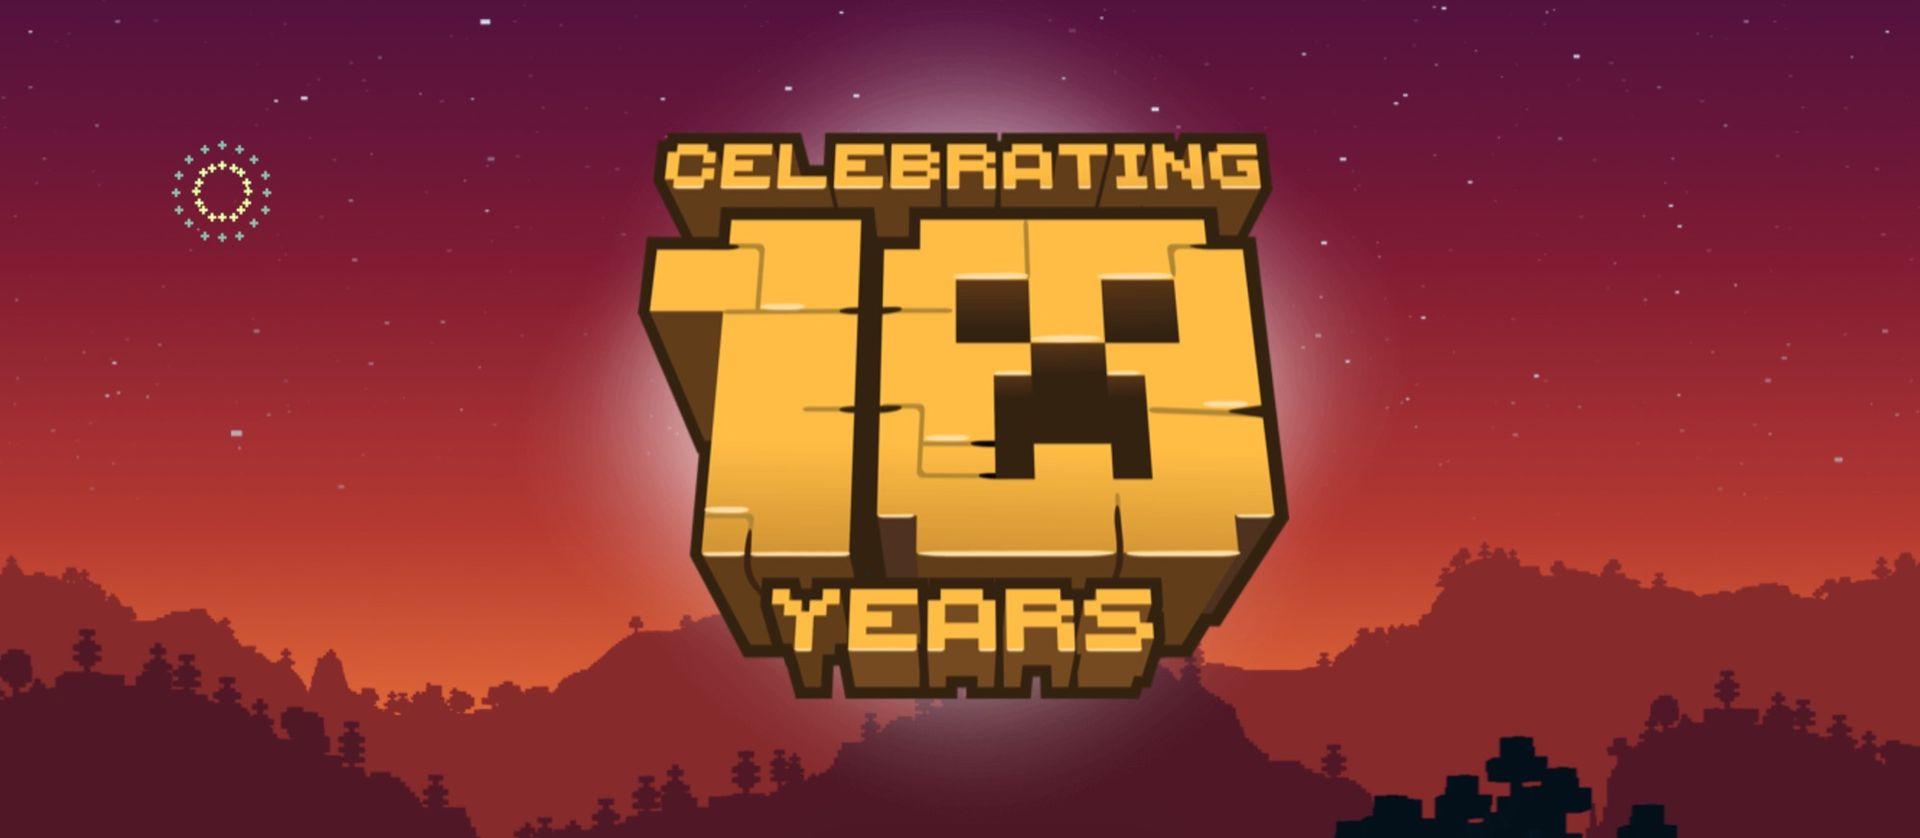 Tut i luren - idag är det 10 år sedan Minecraft släpptes!